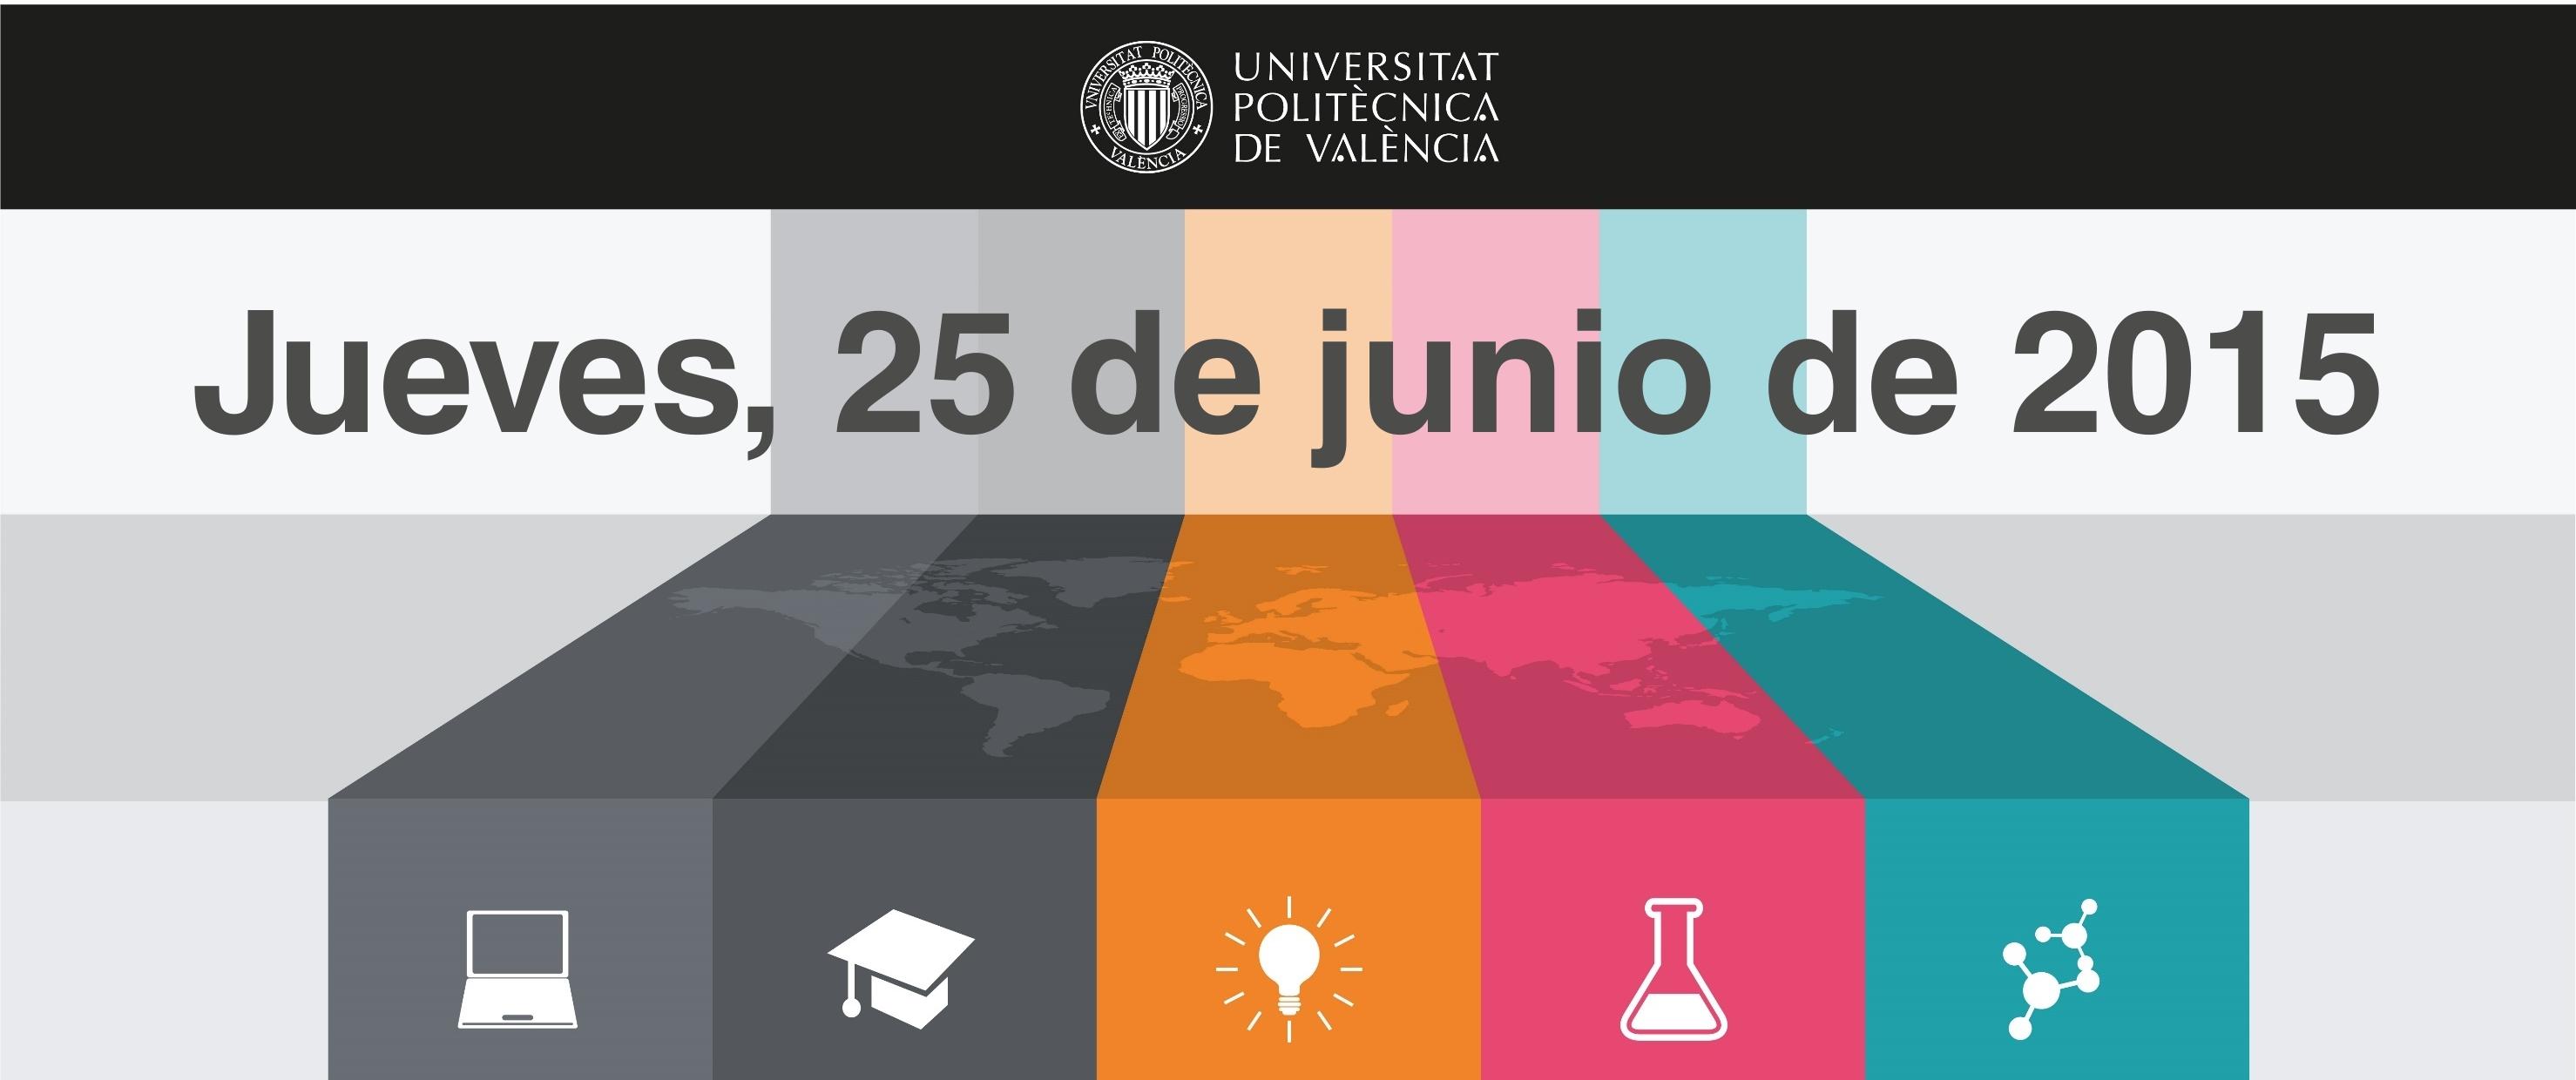 II Encuentro de Estudiantes de Doctorado